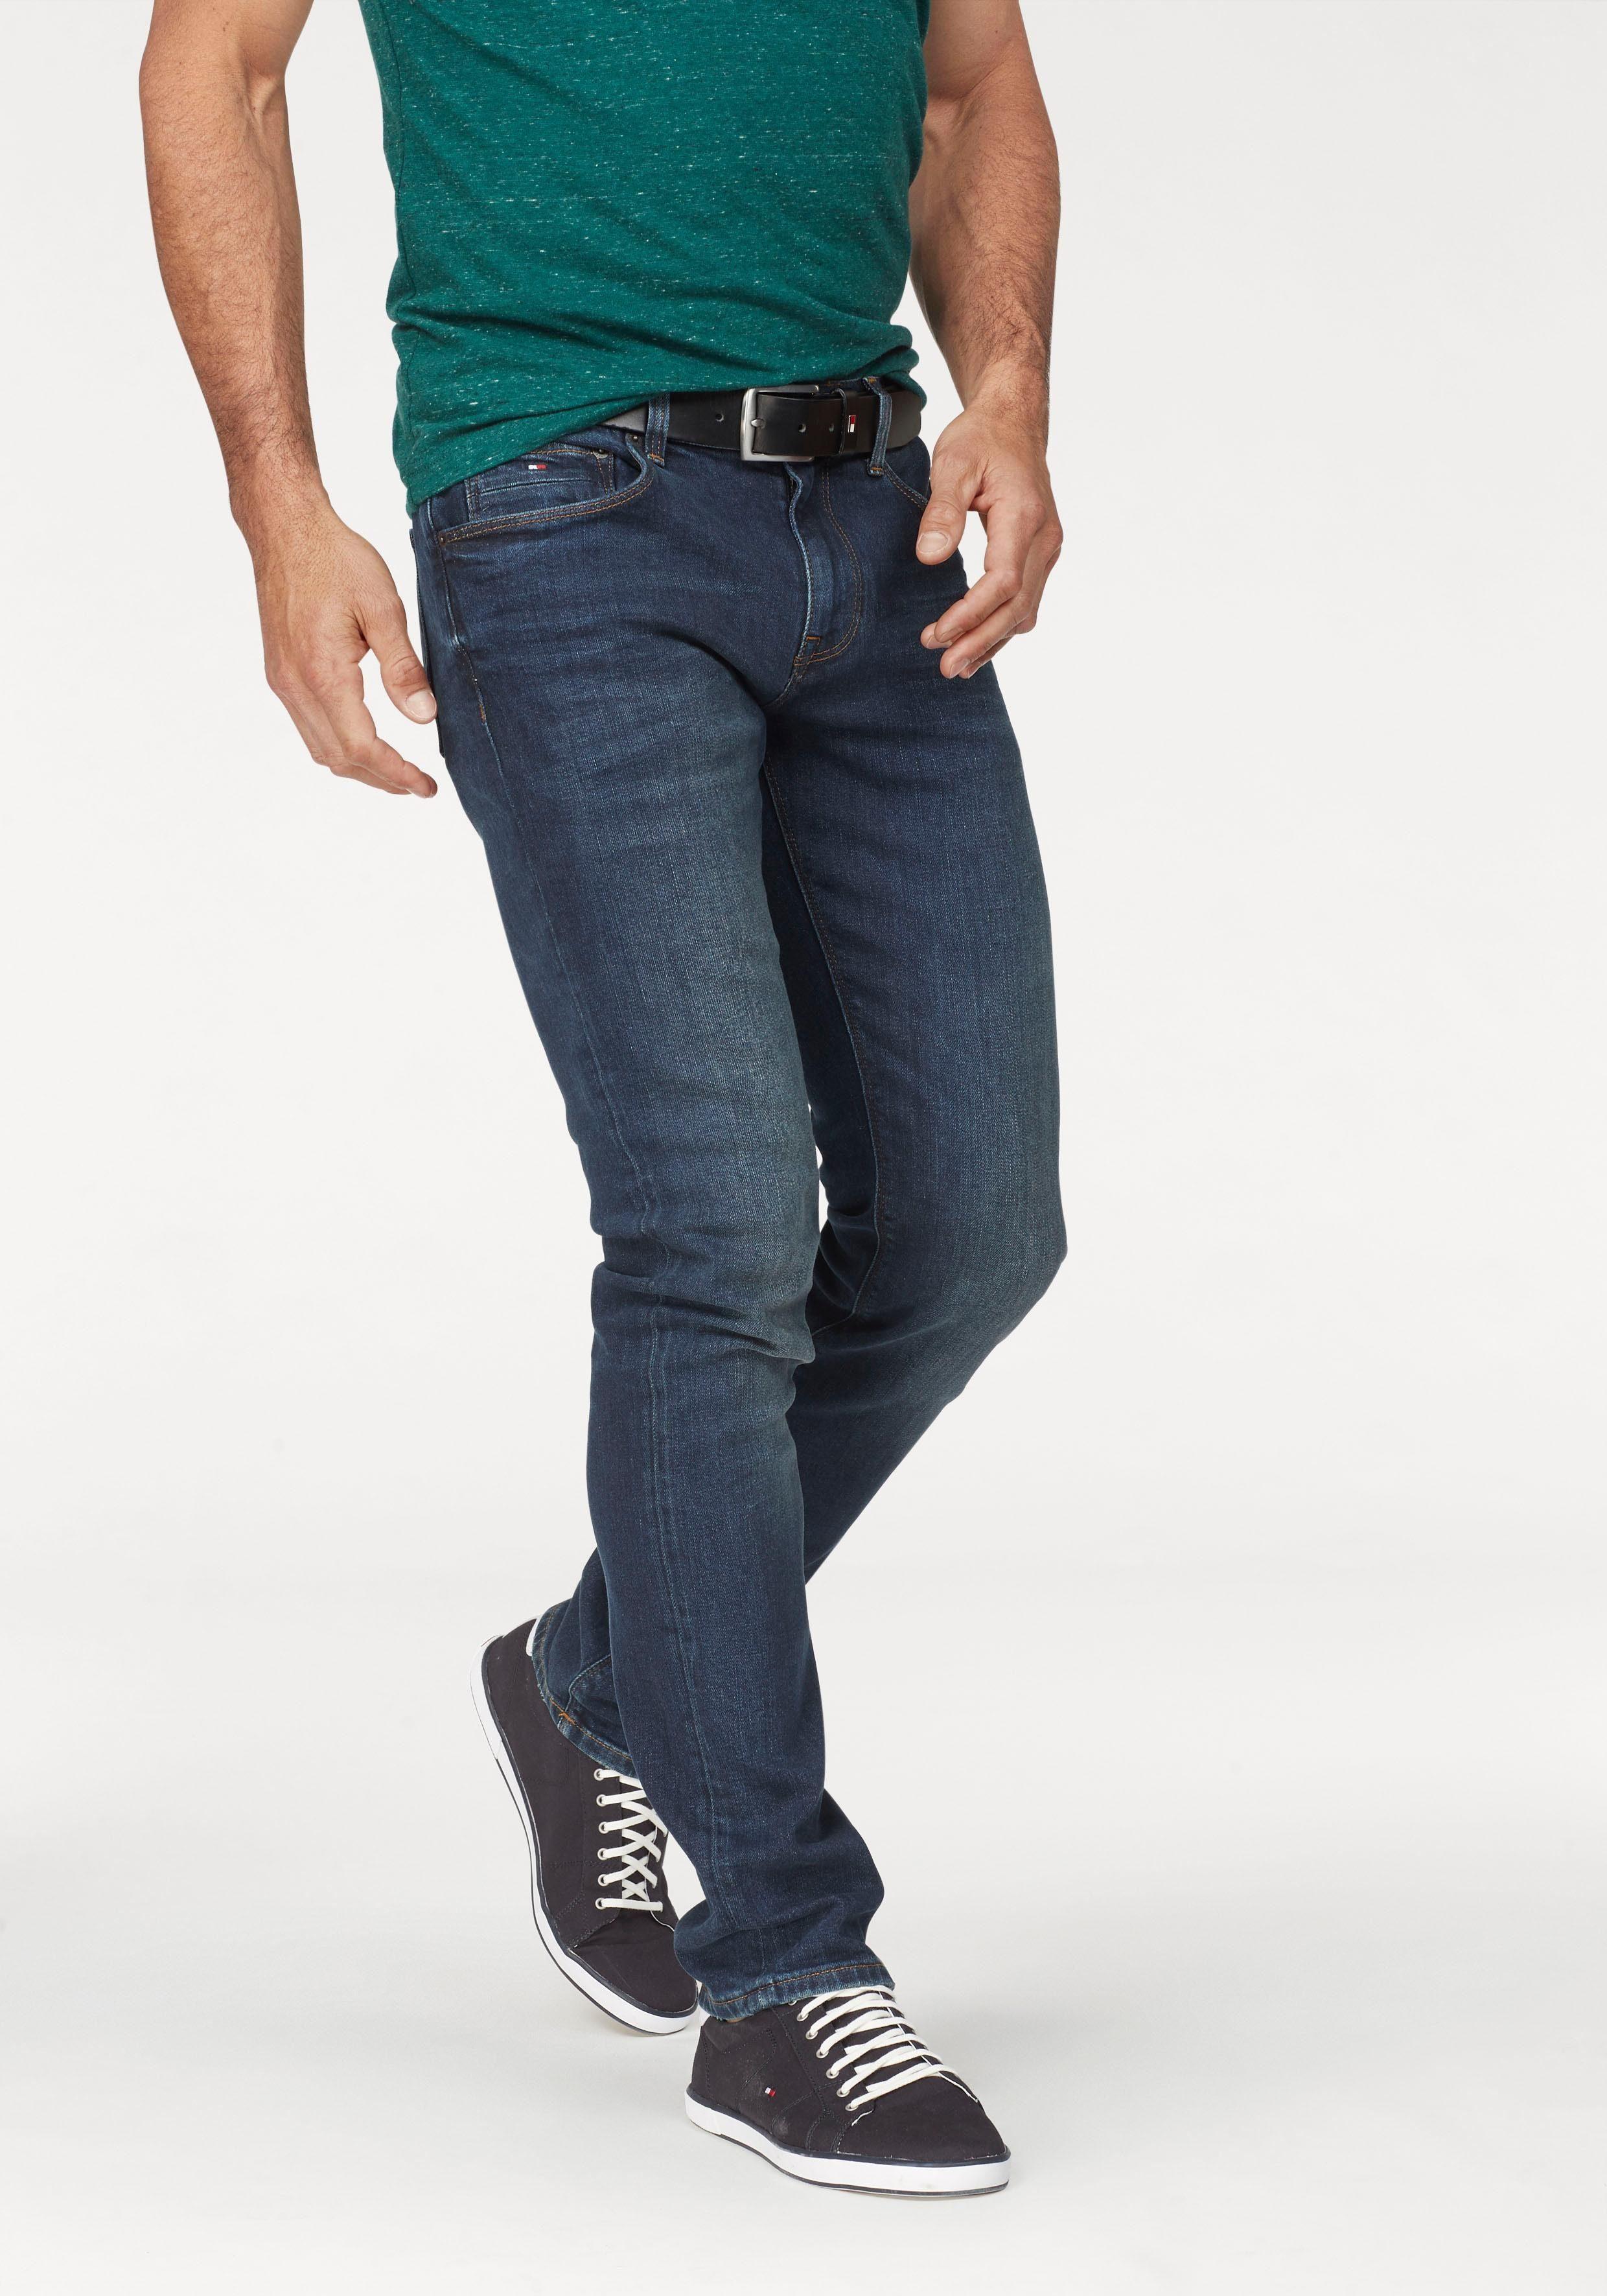 TOMMY HILFIGER Straight Jeans »CORE DENTON STRAIGHT JEANS« Leichte Waschung online kaufen   OTTO